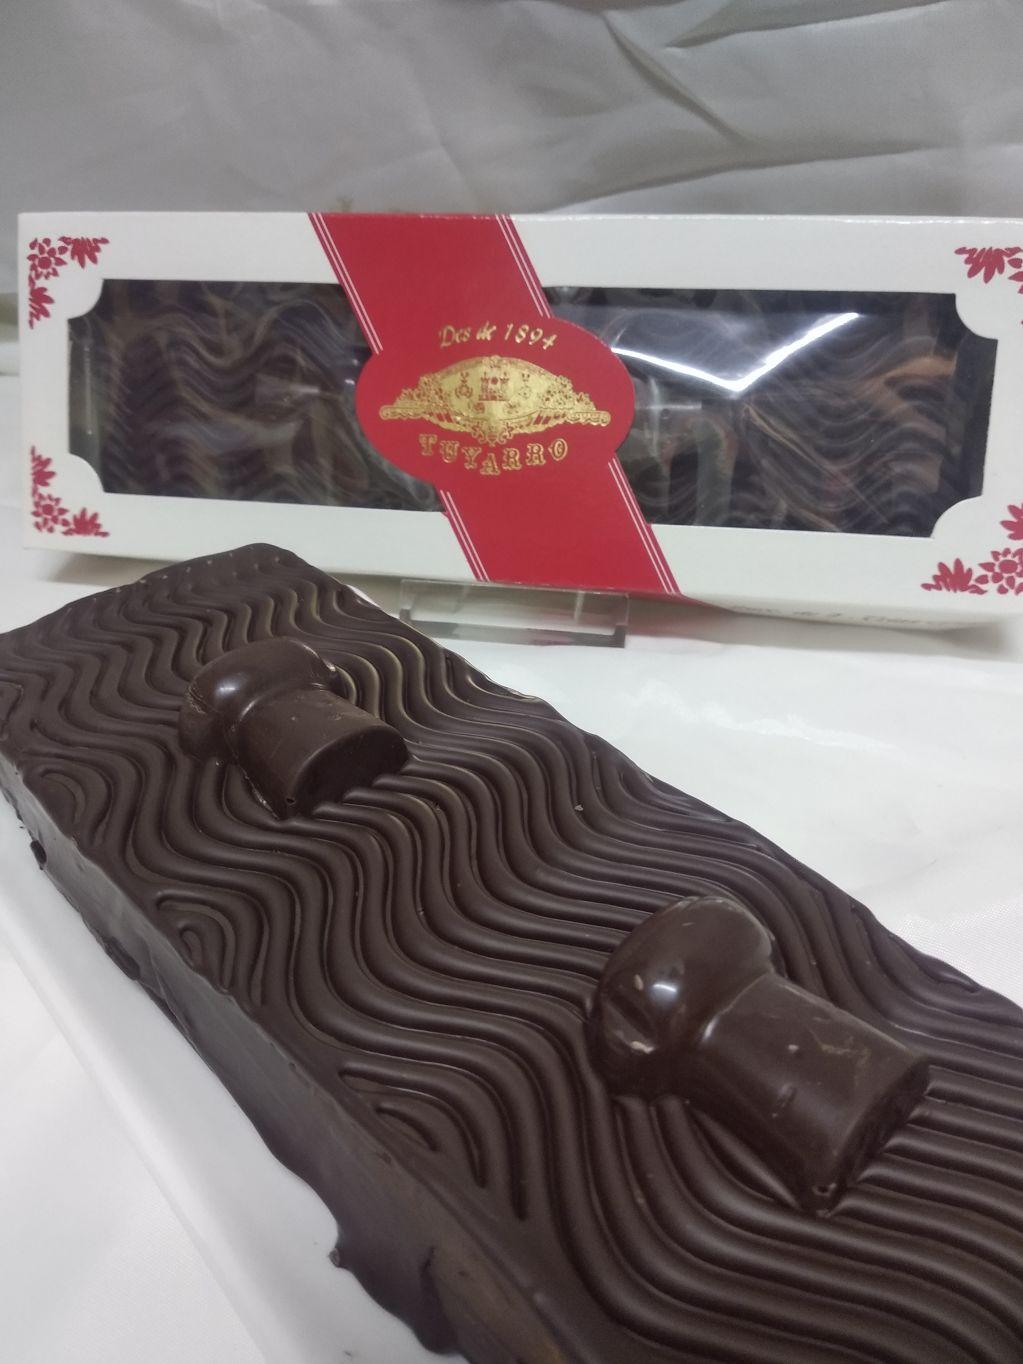 Torró de xocolata amb marc de cava - b99cc-marc-de-cava.jpg